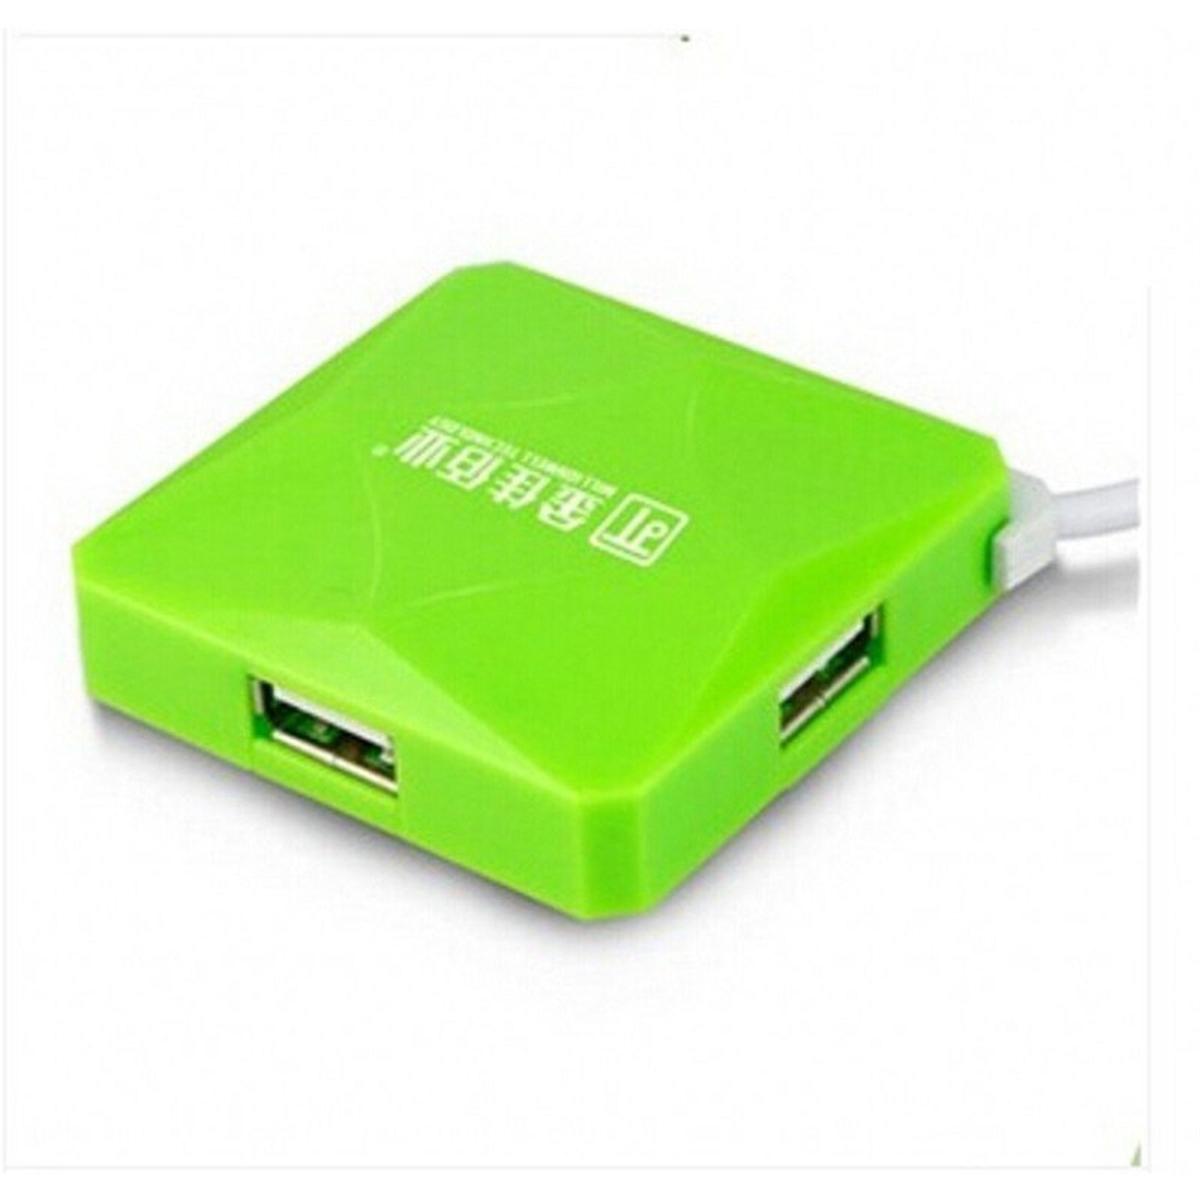 金佳佰业 水立方 USB-HUBUSB集线器 0.6M (单位:卡) 绿色